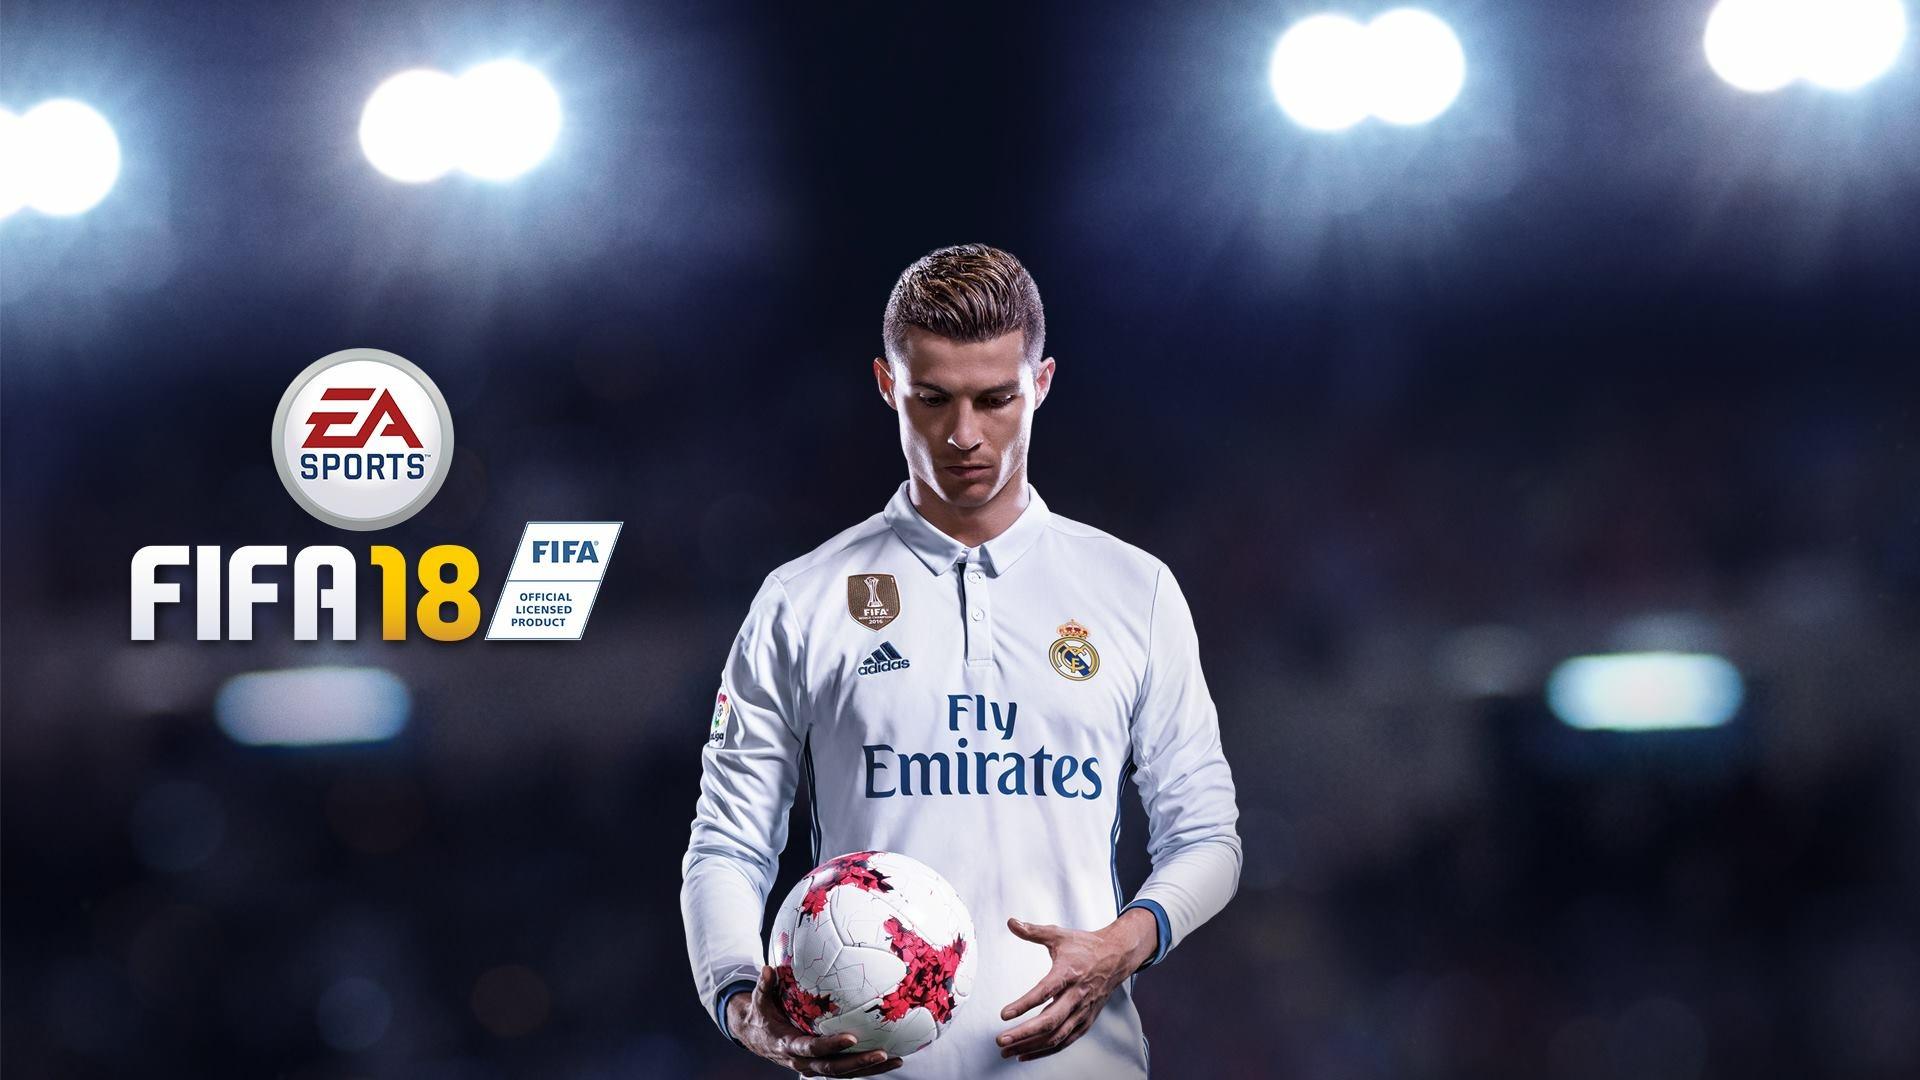 Игроки FIFA 18 бойкотируют EA